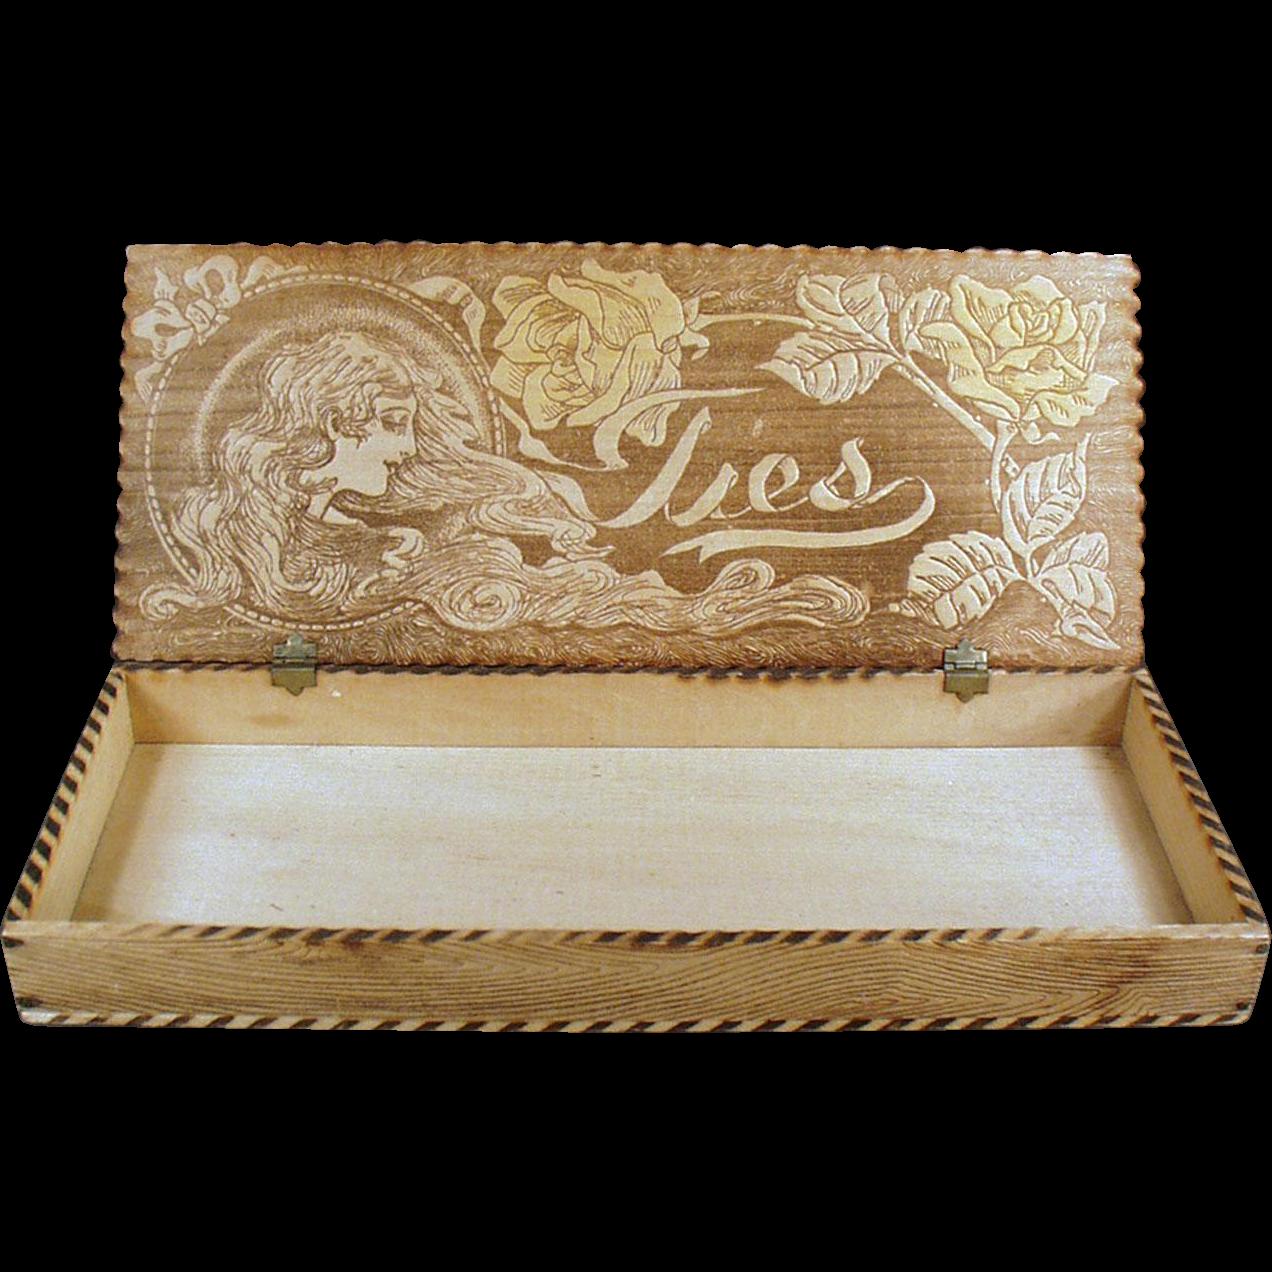 Vintage Pyrography Box - Wood Burned Art Nouveau Design Tie Box